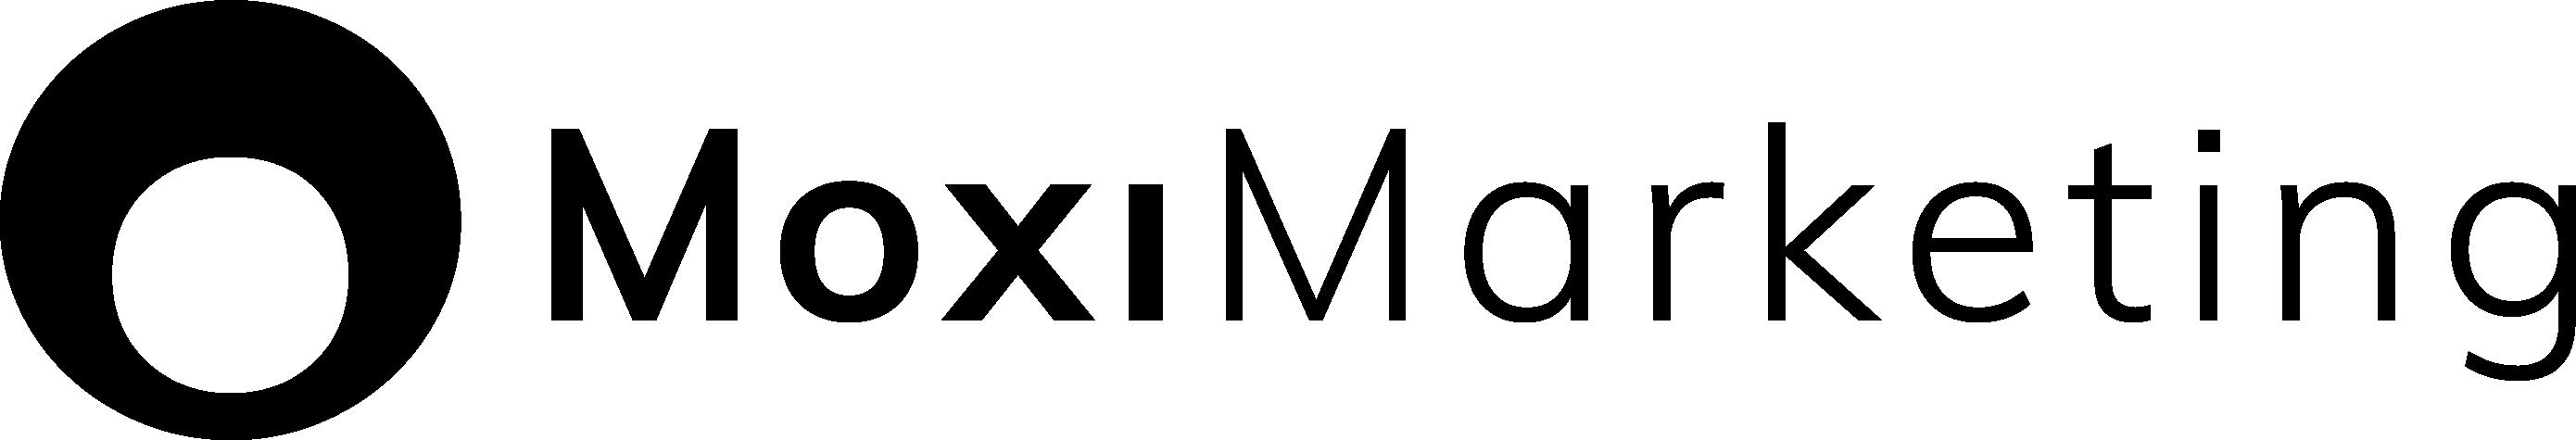 MoxiMarketing Logo